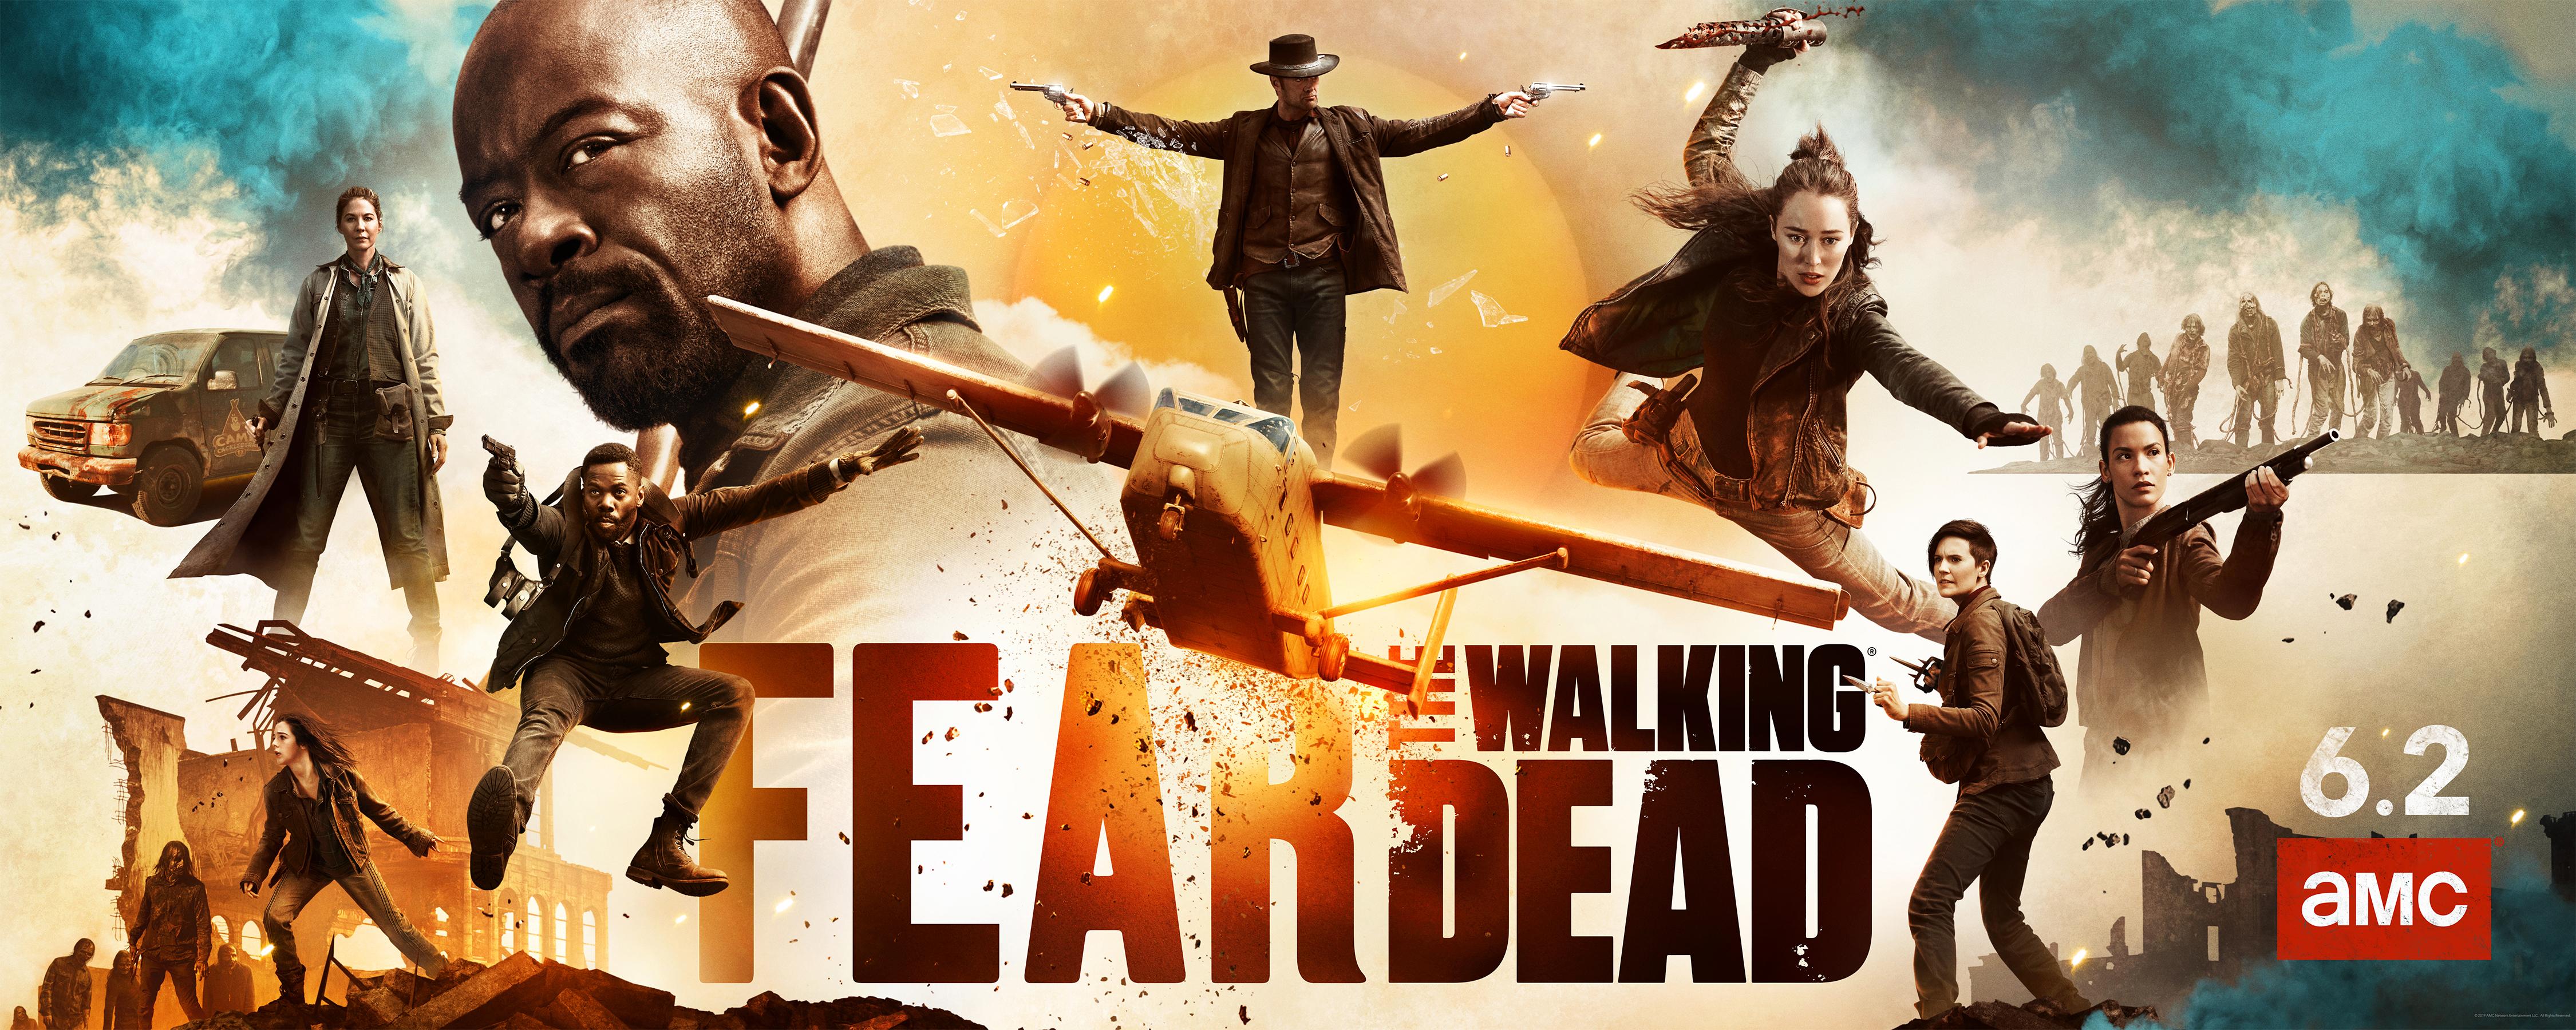 'Fear the Walking Dead' season 5 key art. [AMC]